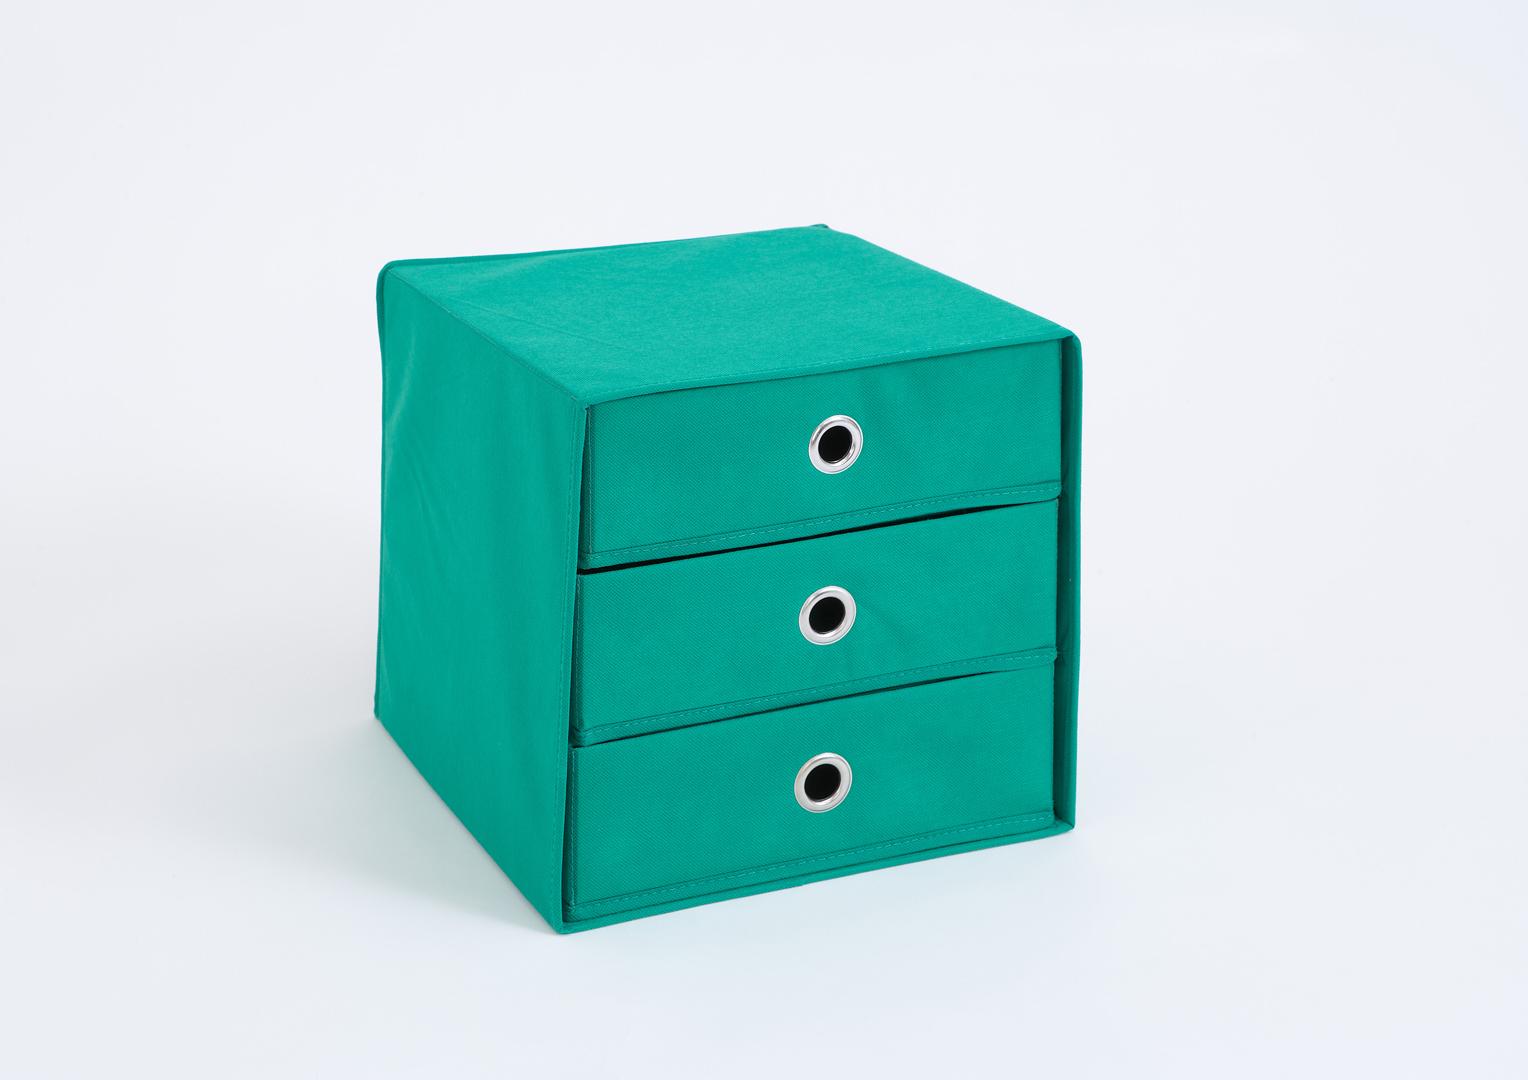 Panier de rangement 3 tiroirs en tissu vert Gama